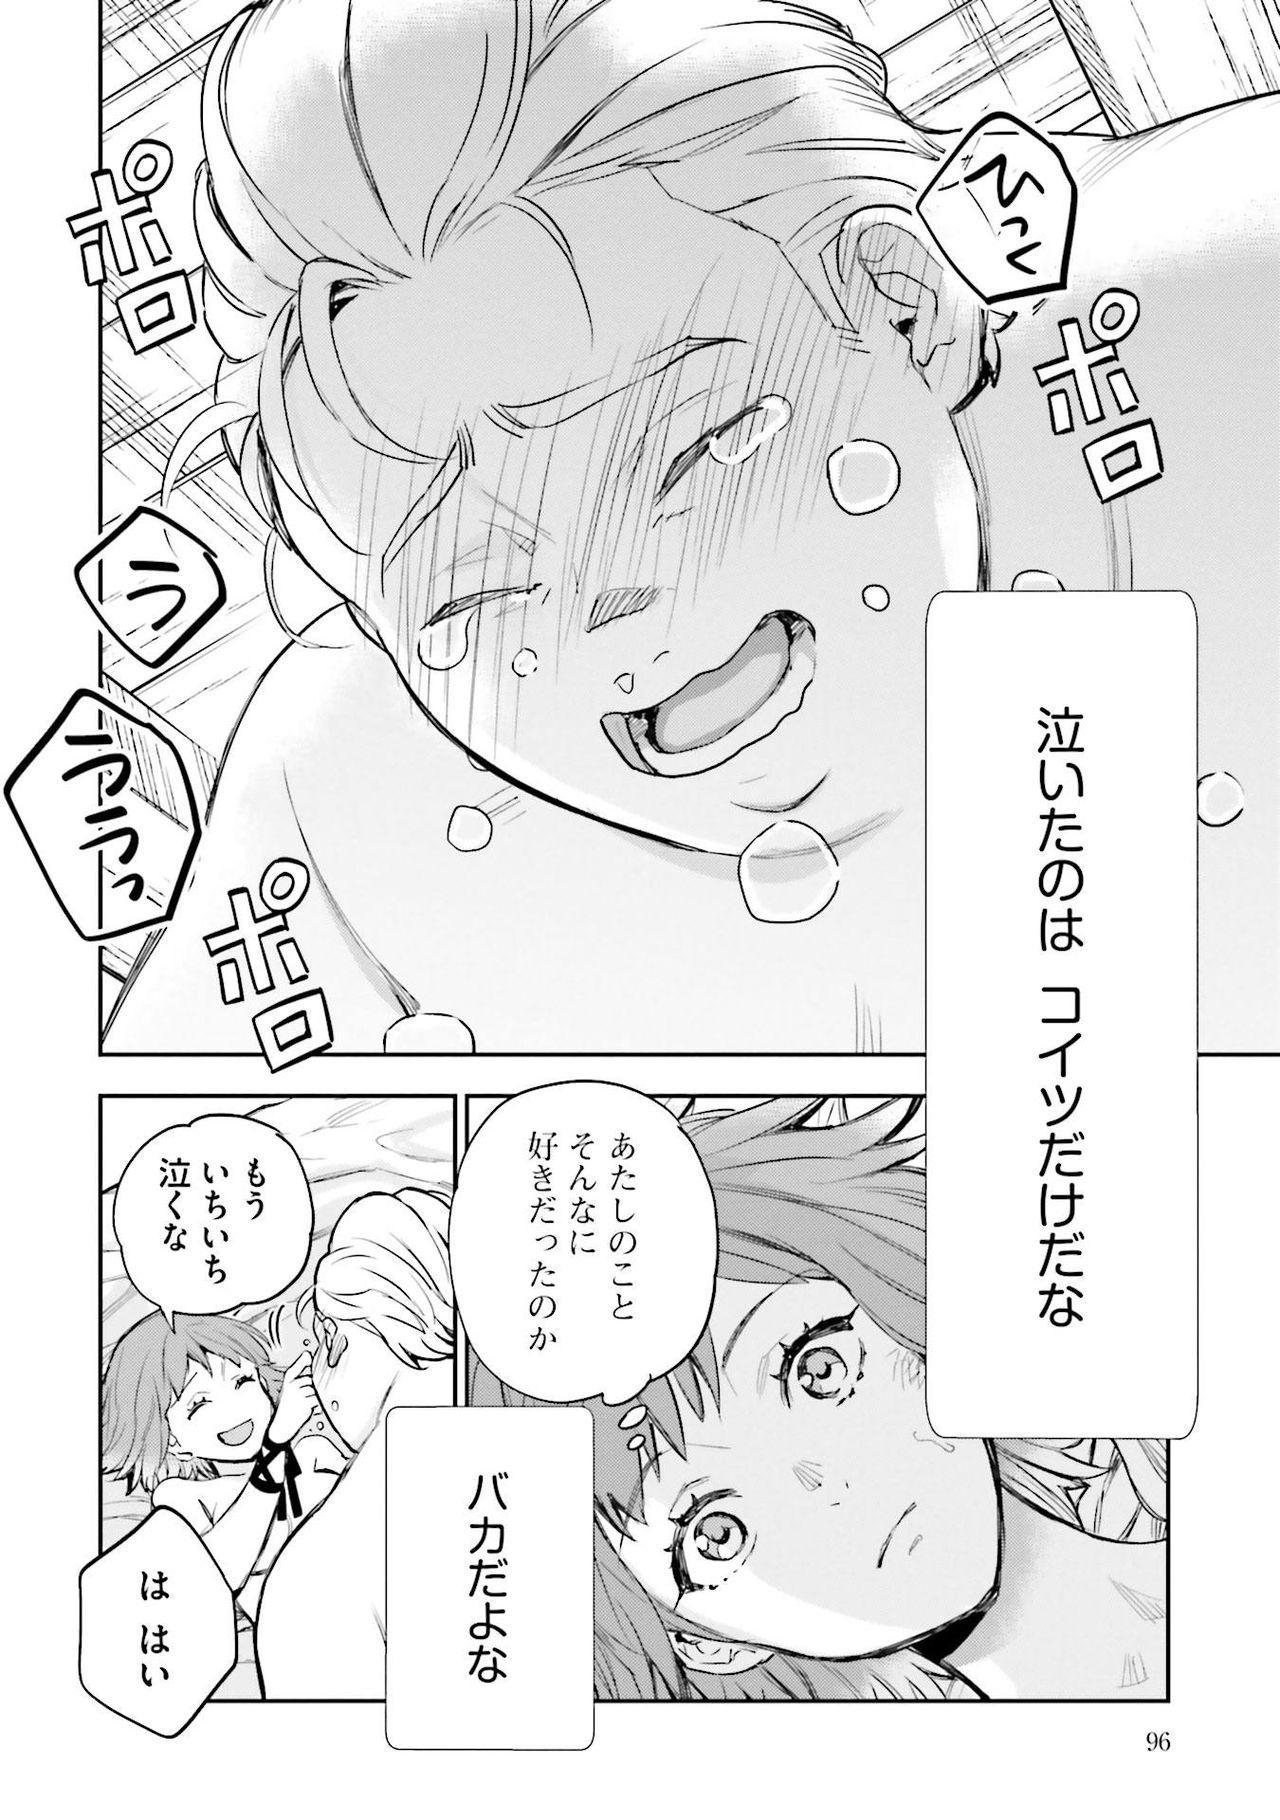 JK Haru wa Isekai de Shoufu ni Natta 1-14 284